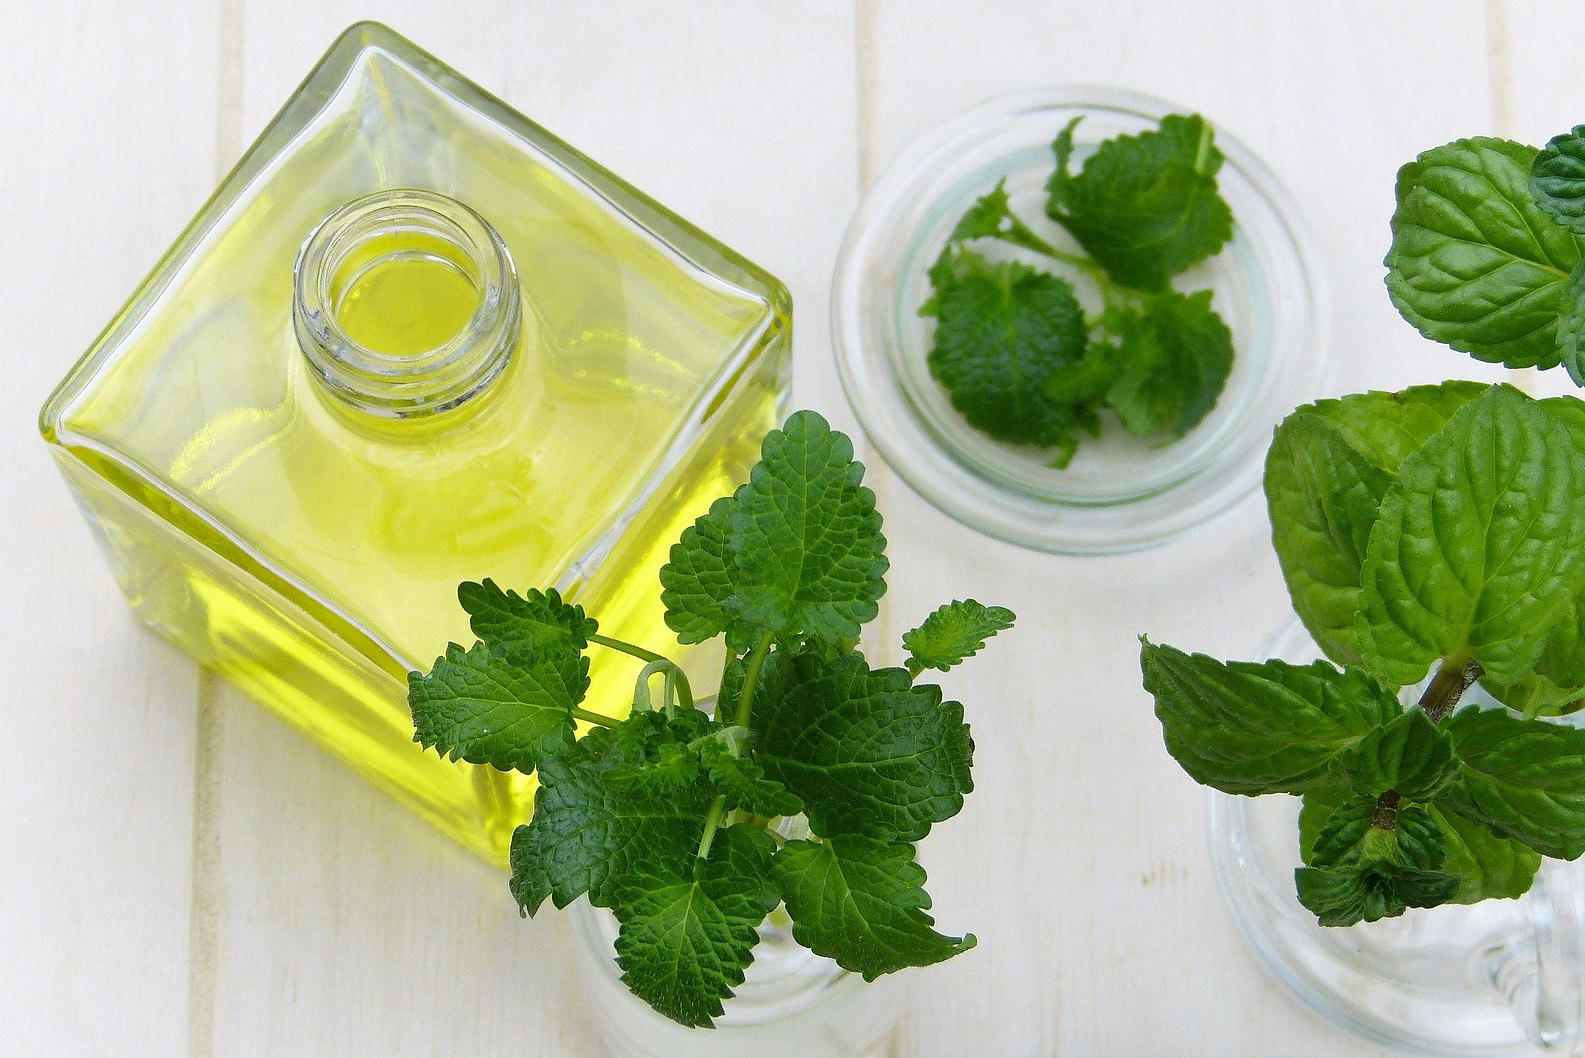 Woda miętowa jest wykorzystywana jako corrigens i adiuvans (fot. Shutterstock).